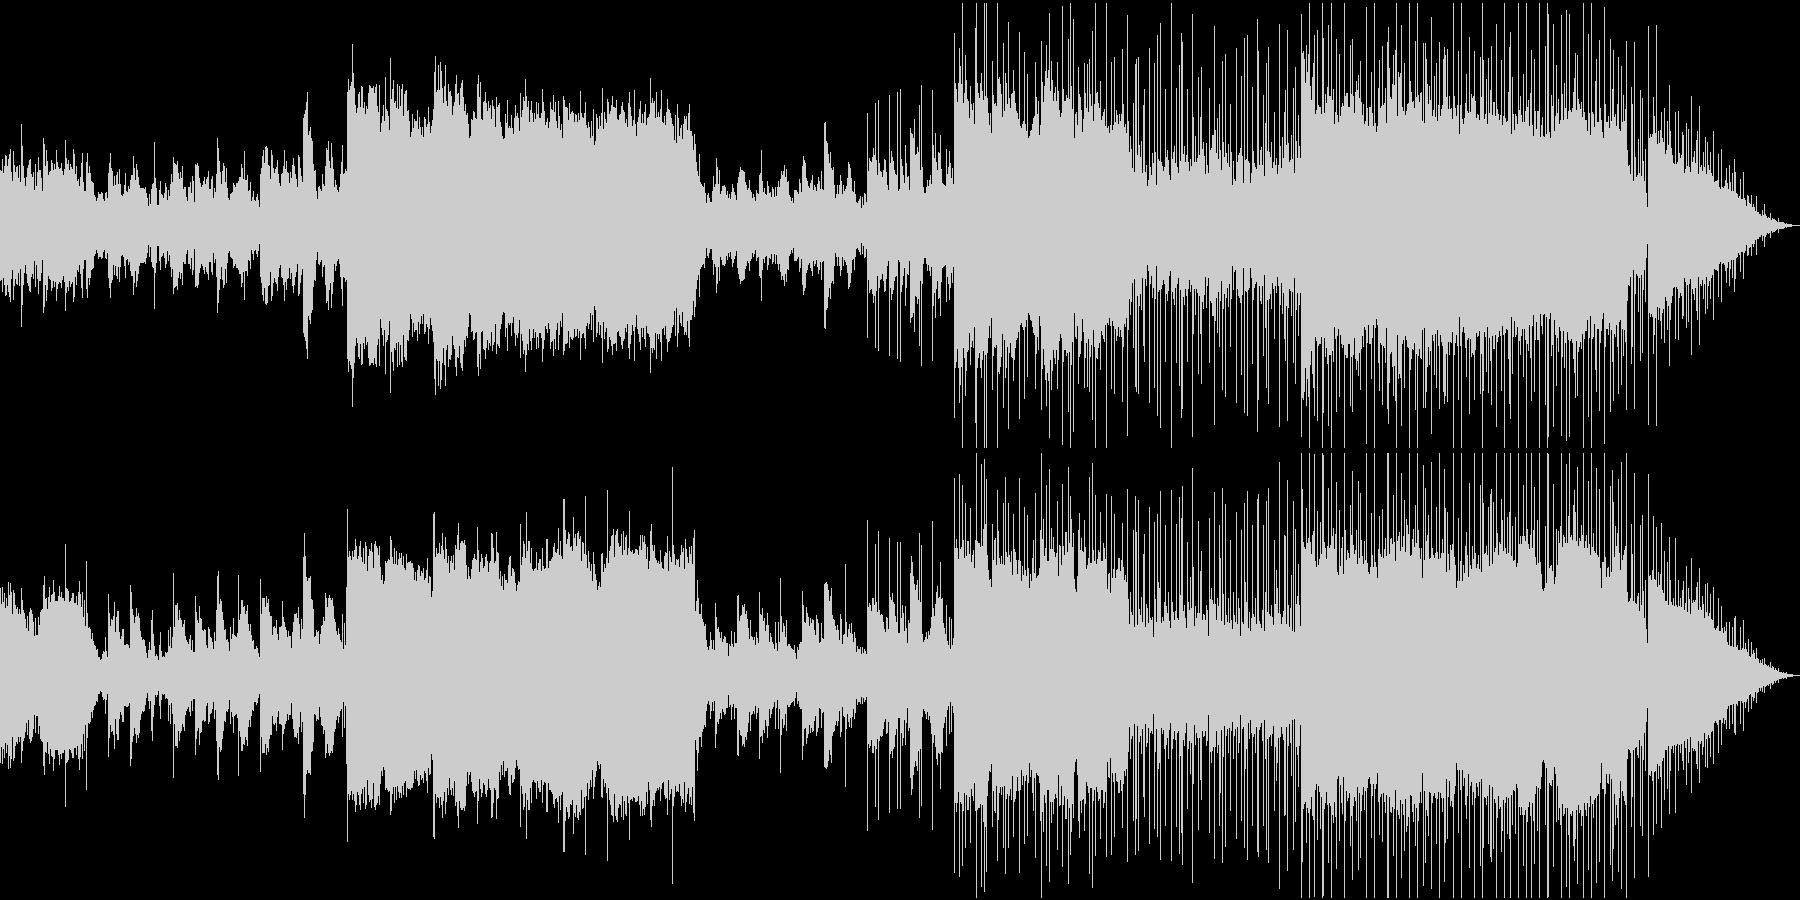 アンビエント/ポップス/バラードの未再生の波形